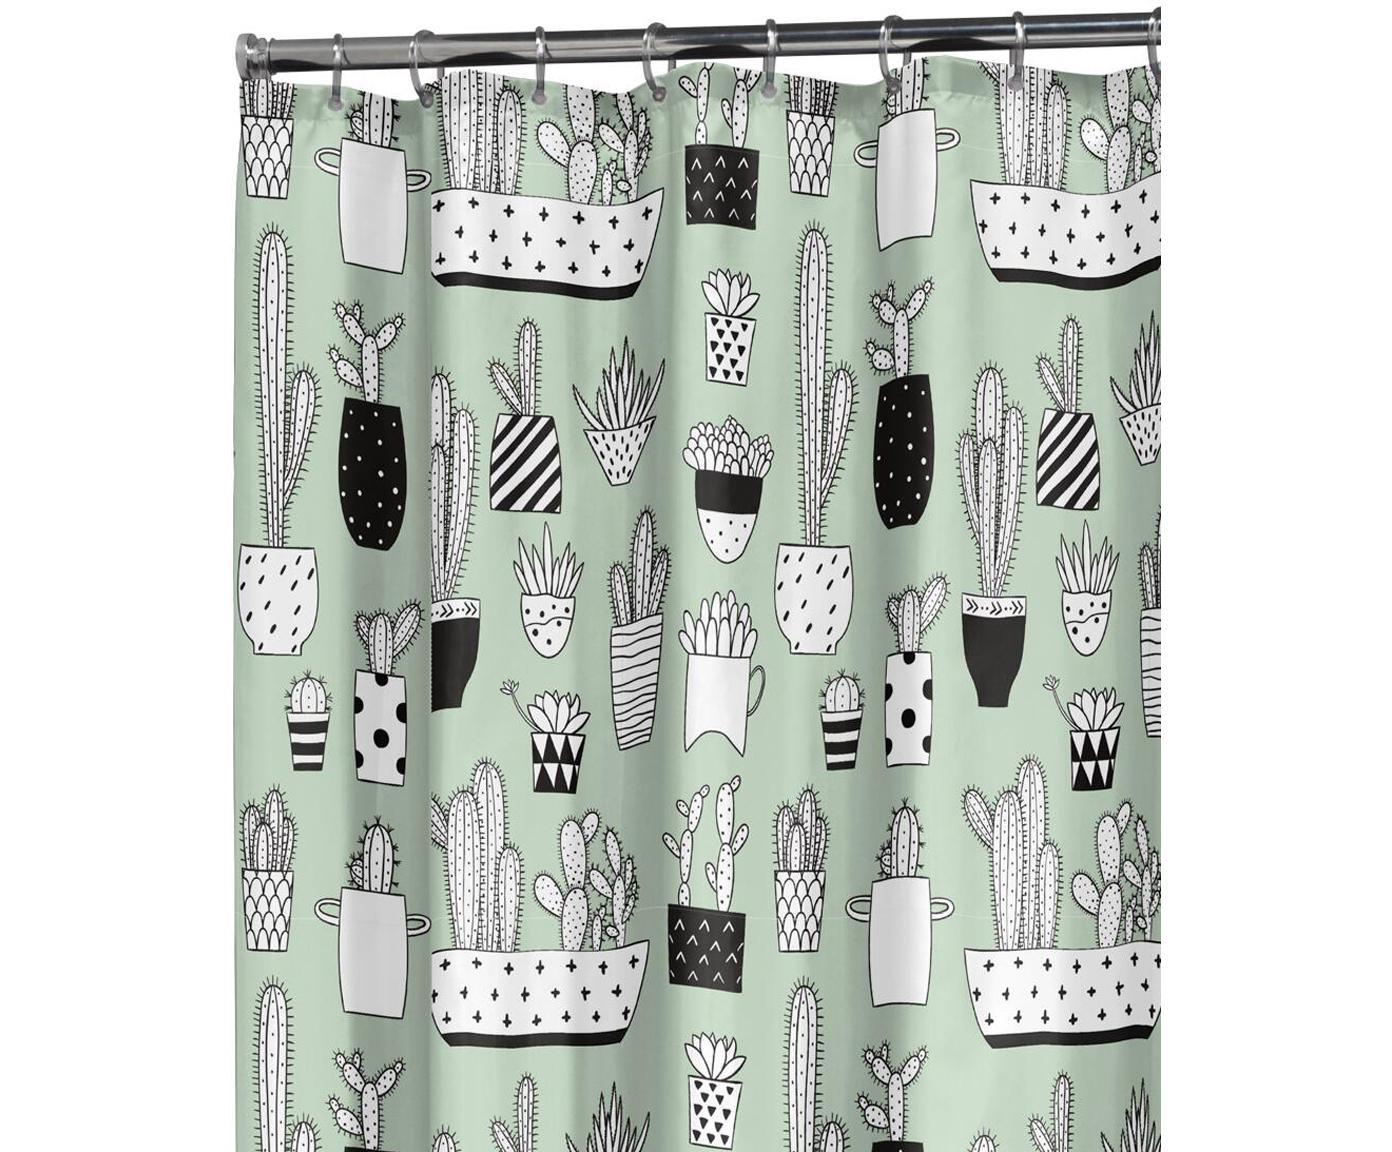 Douchegordijn Cactus met cactus print, Kunststof (PEVA) Waterdicht, Groen, zwart, wit, 180 x 200 cm